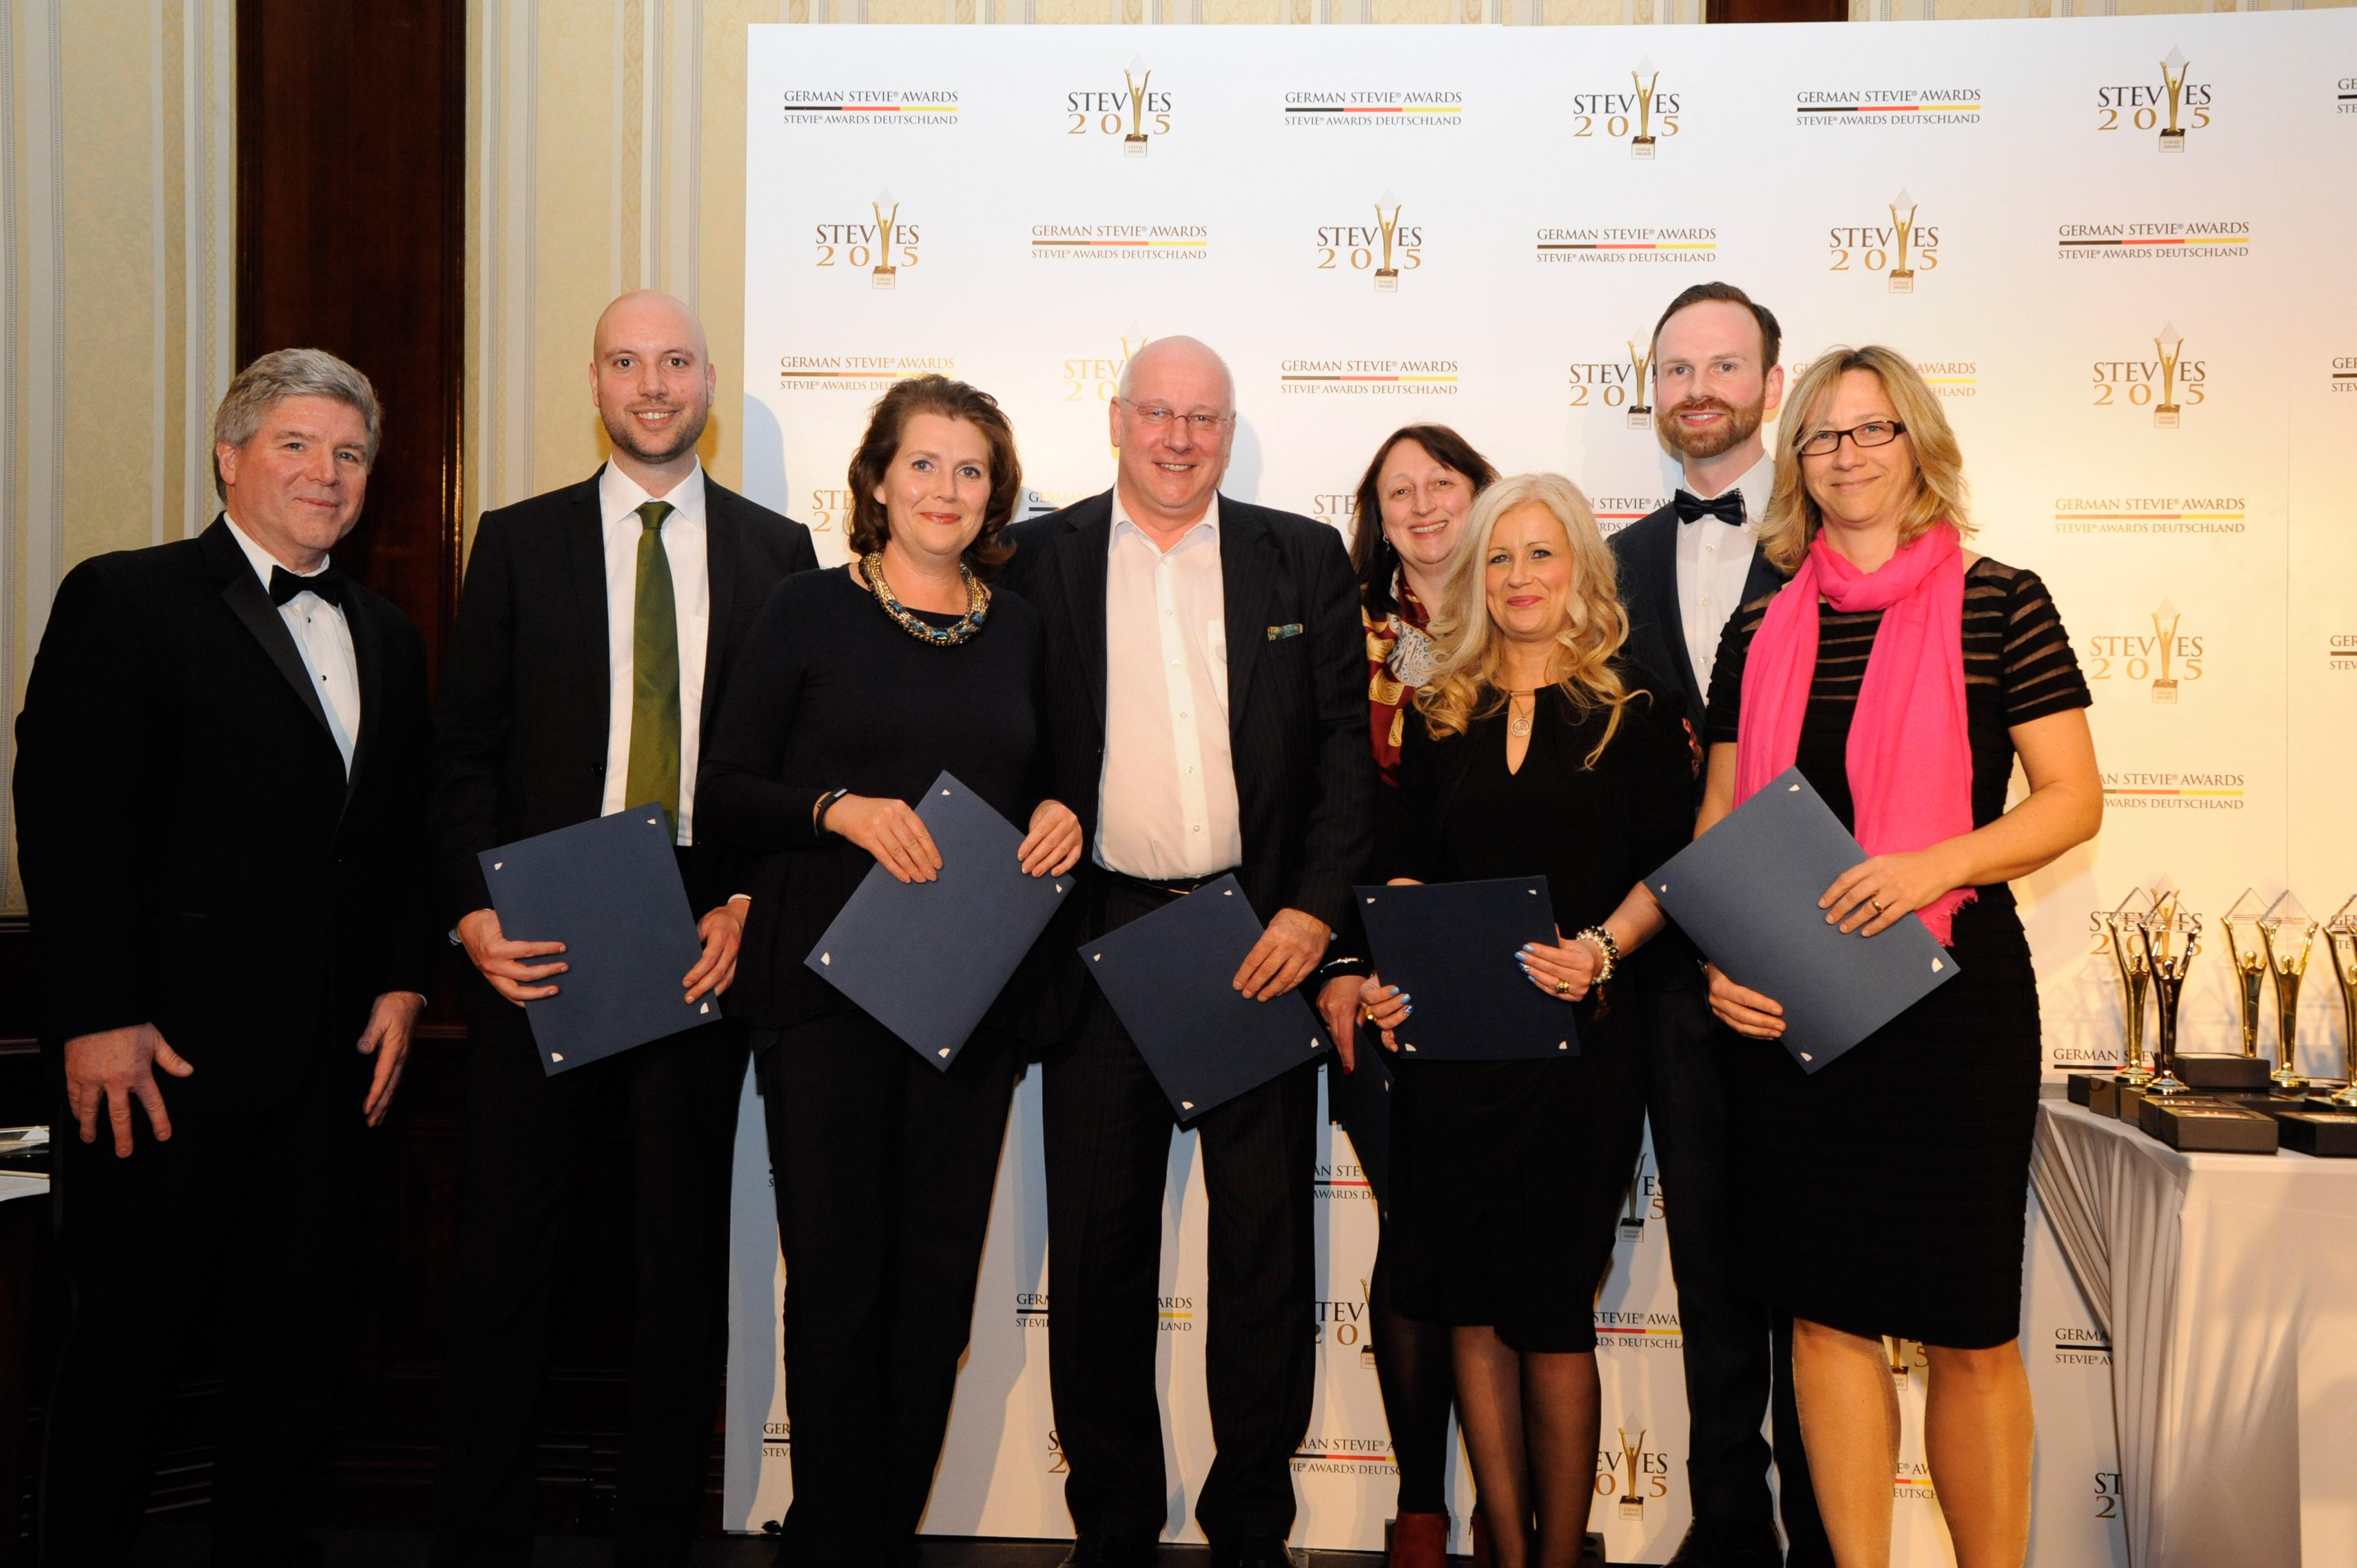 Jurymitglieder der German Stevie Awards 2015 bei der Preisverleihung in Berlin